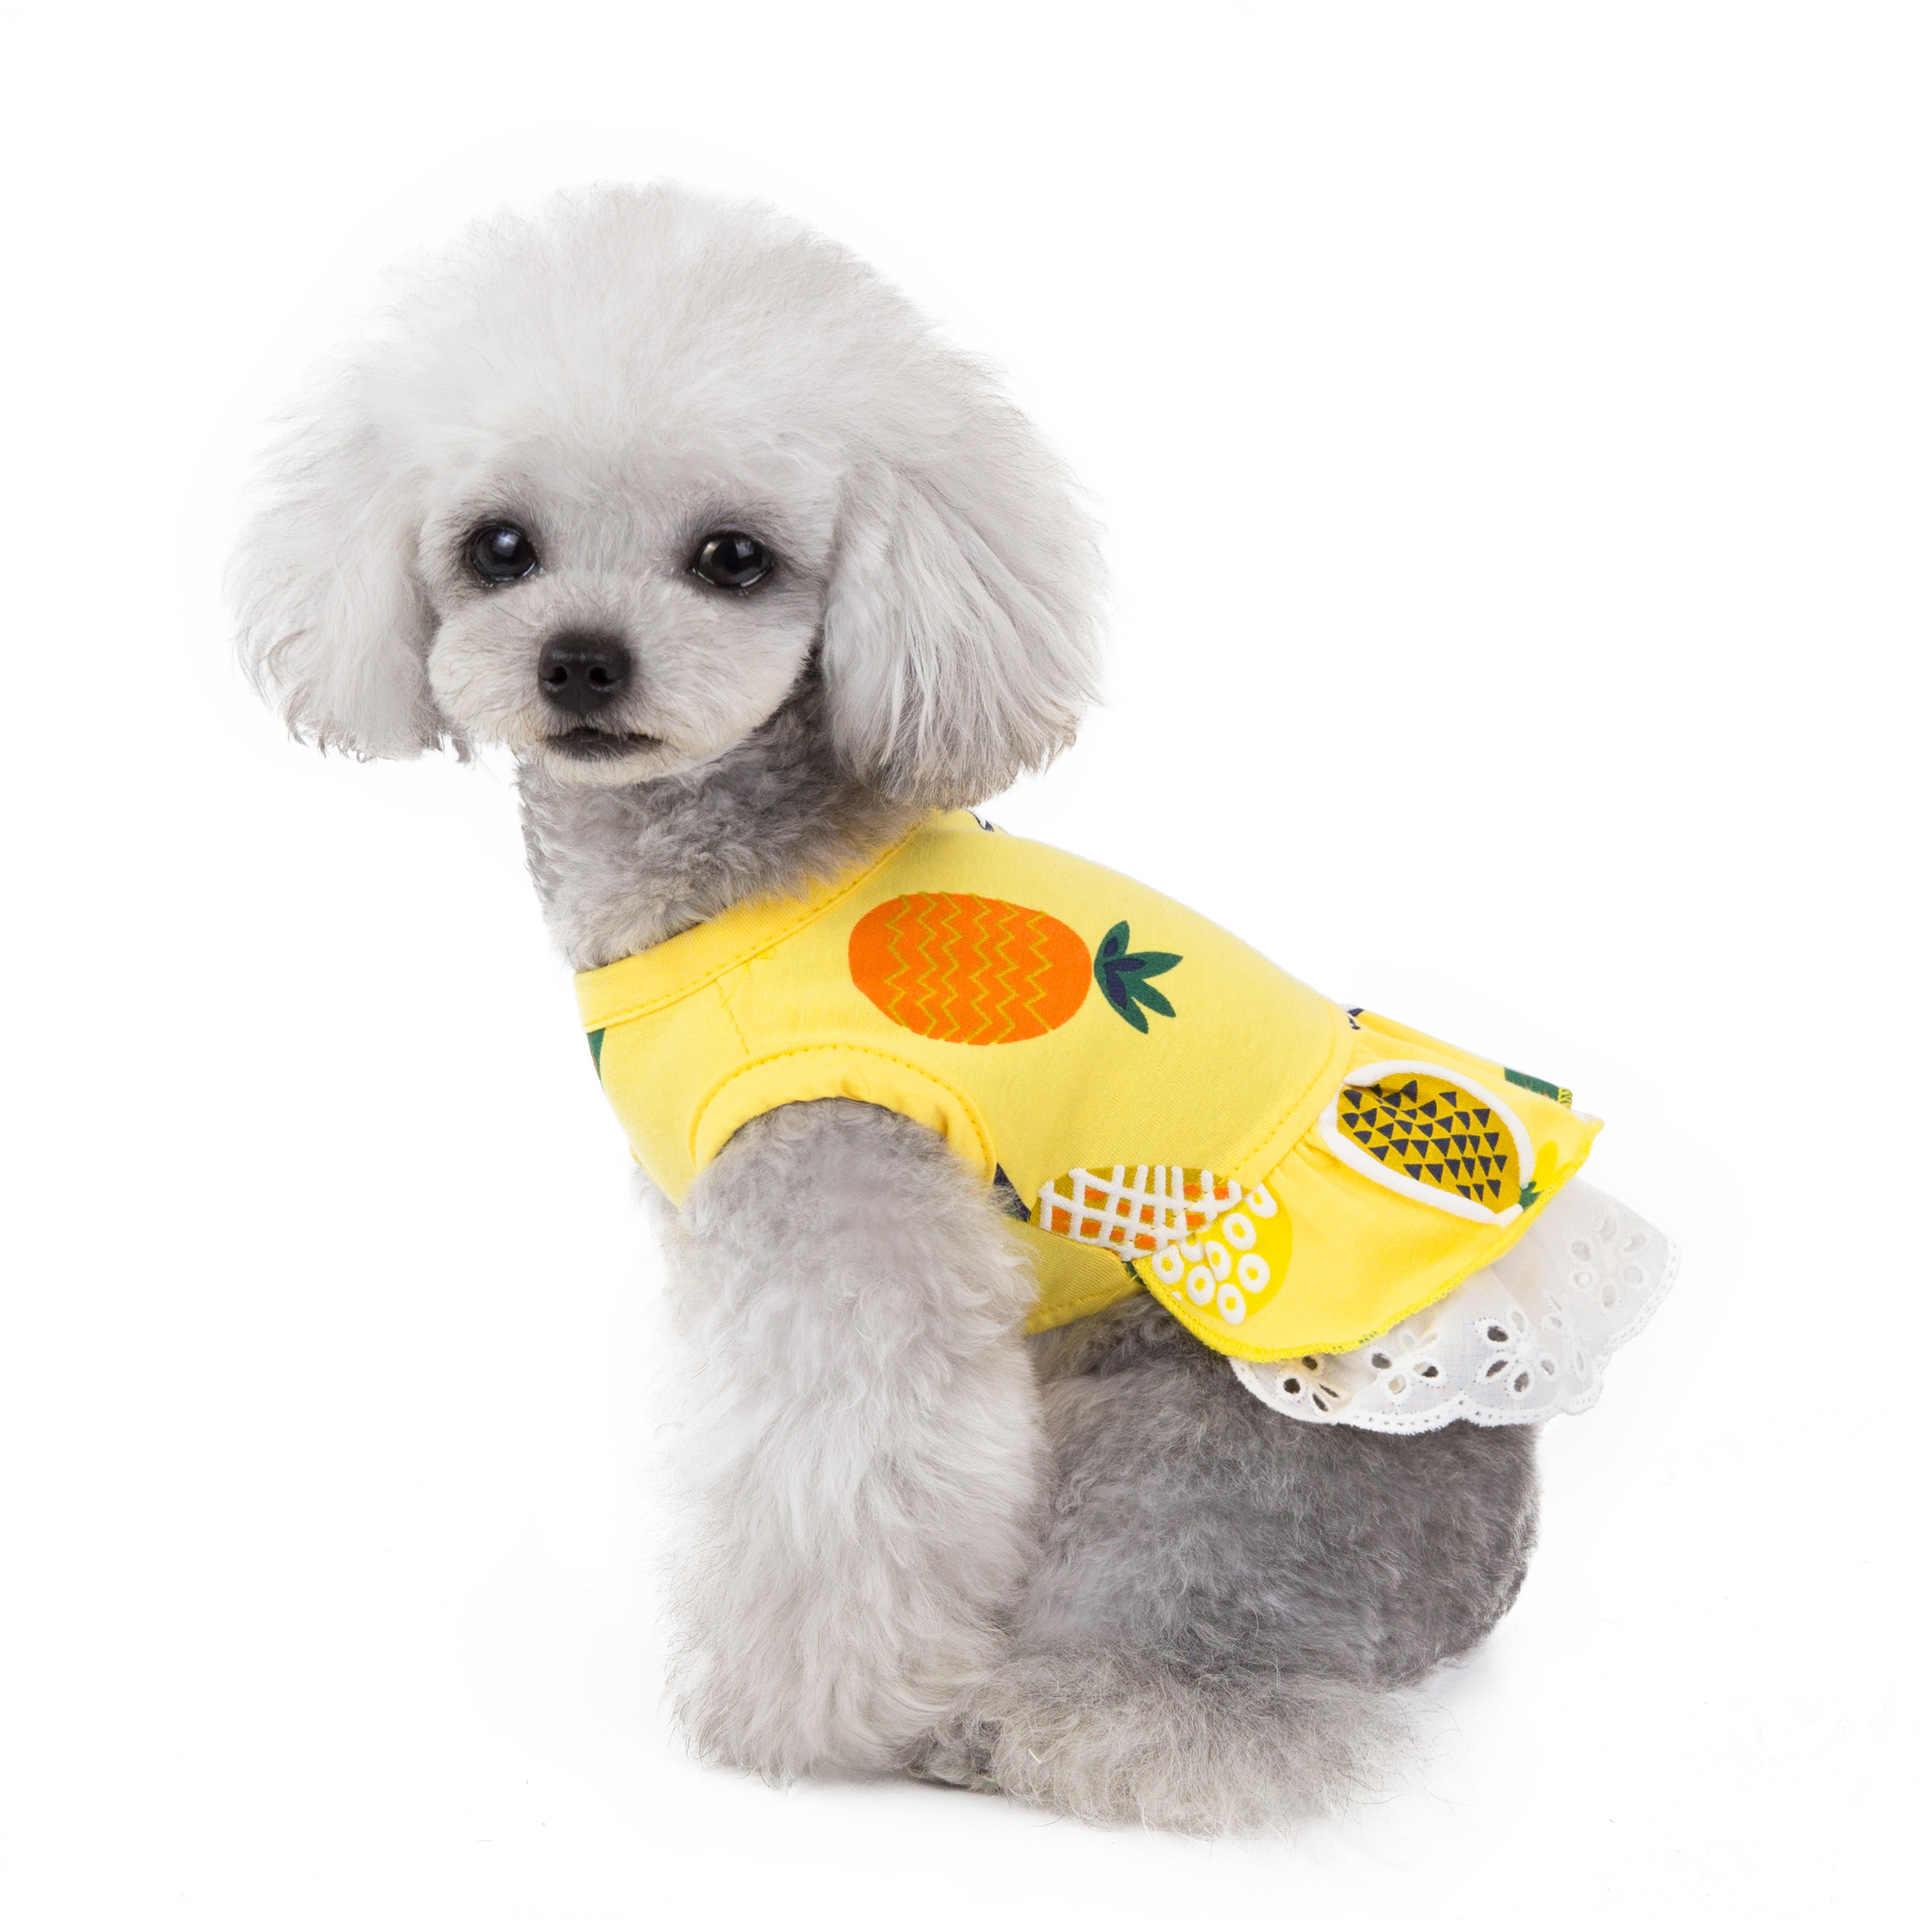 Одежда для собак пляжное летнее платье для собак Одежда для маленьких собак дышащее платье с фруктовым принтом юбка жилет для животных Чихуахуа Йорк